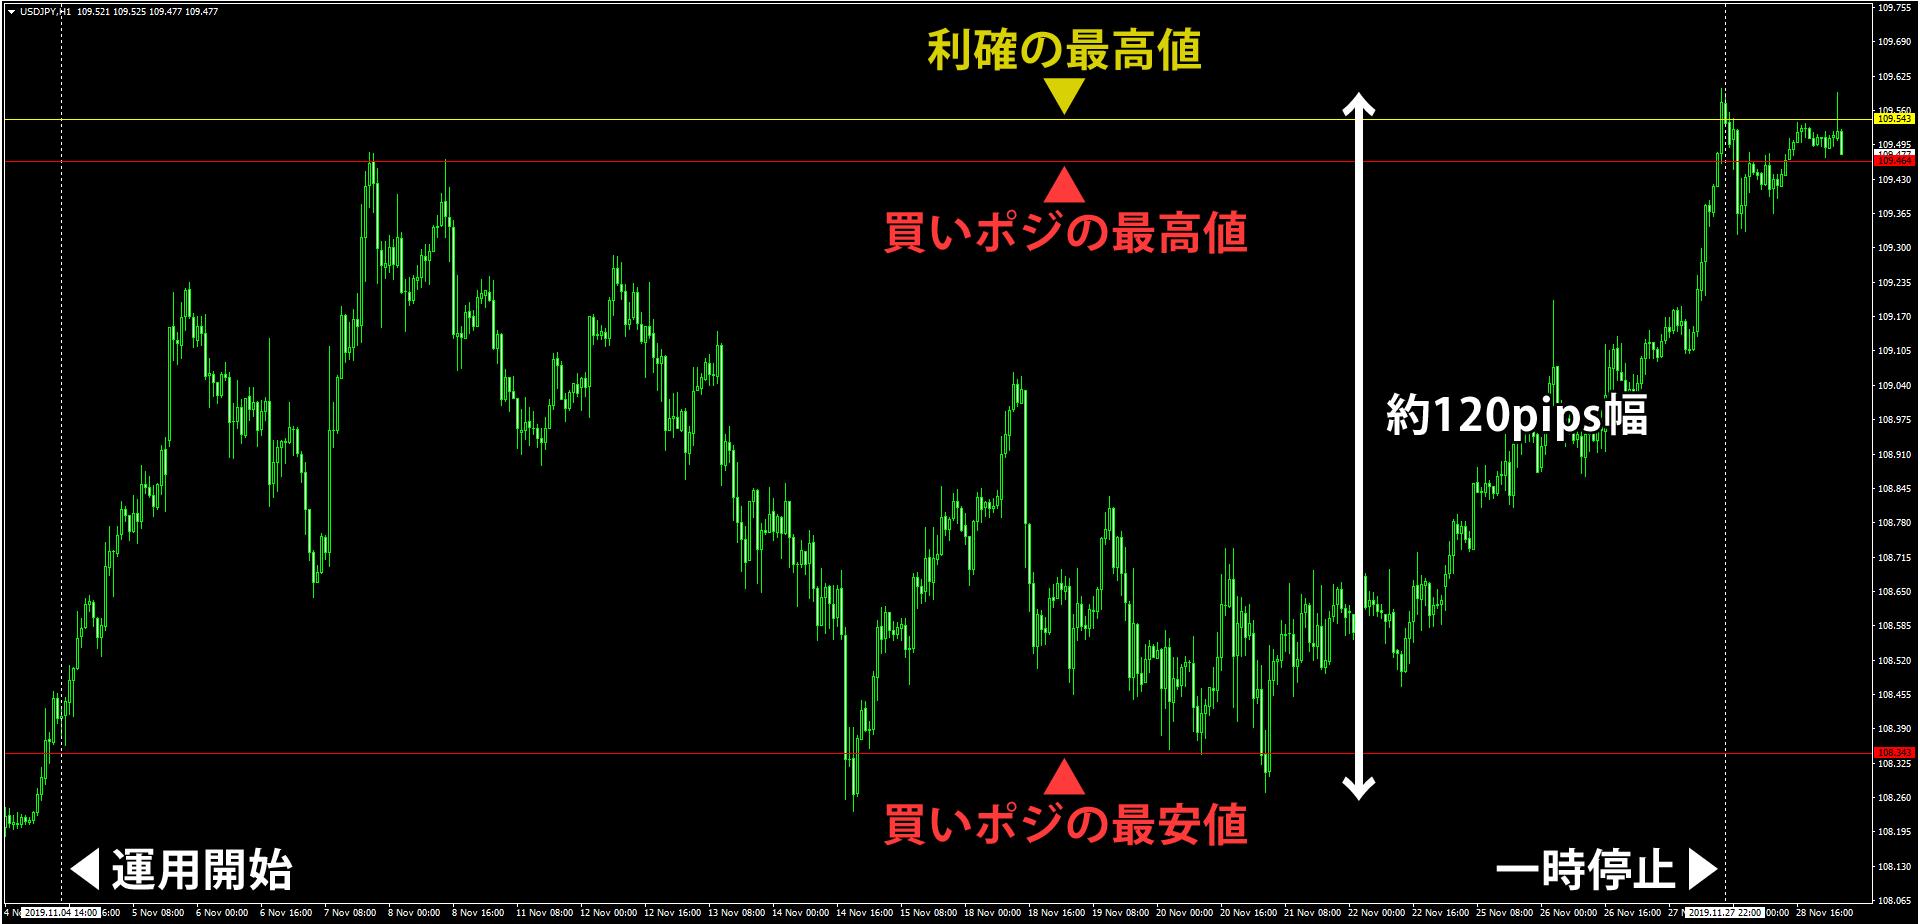 ループイフダン開始後のドル円の1時間足チャート